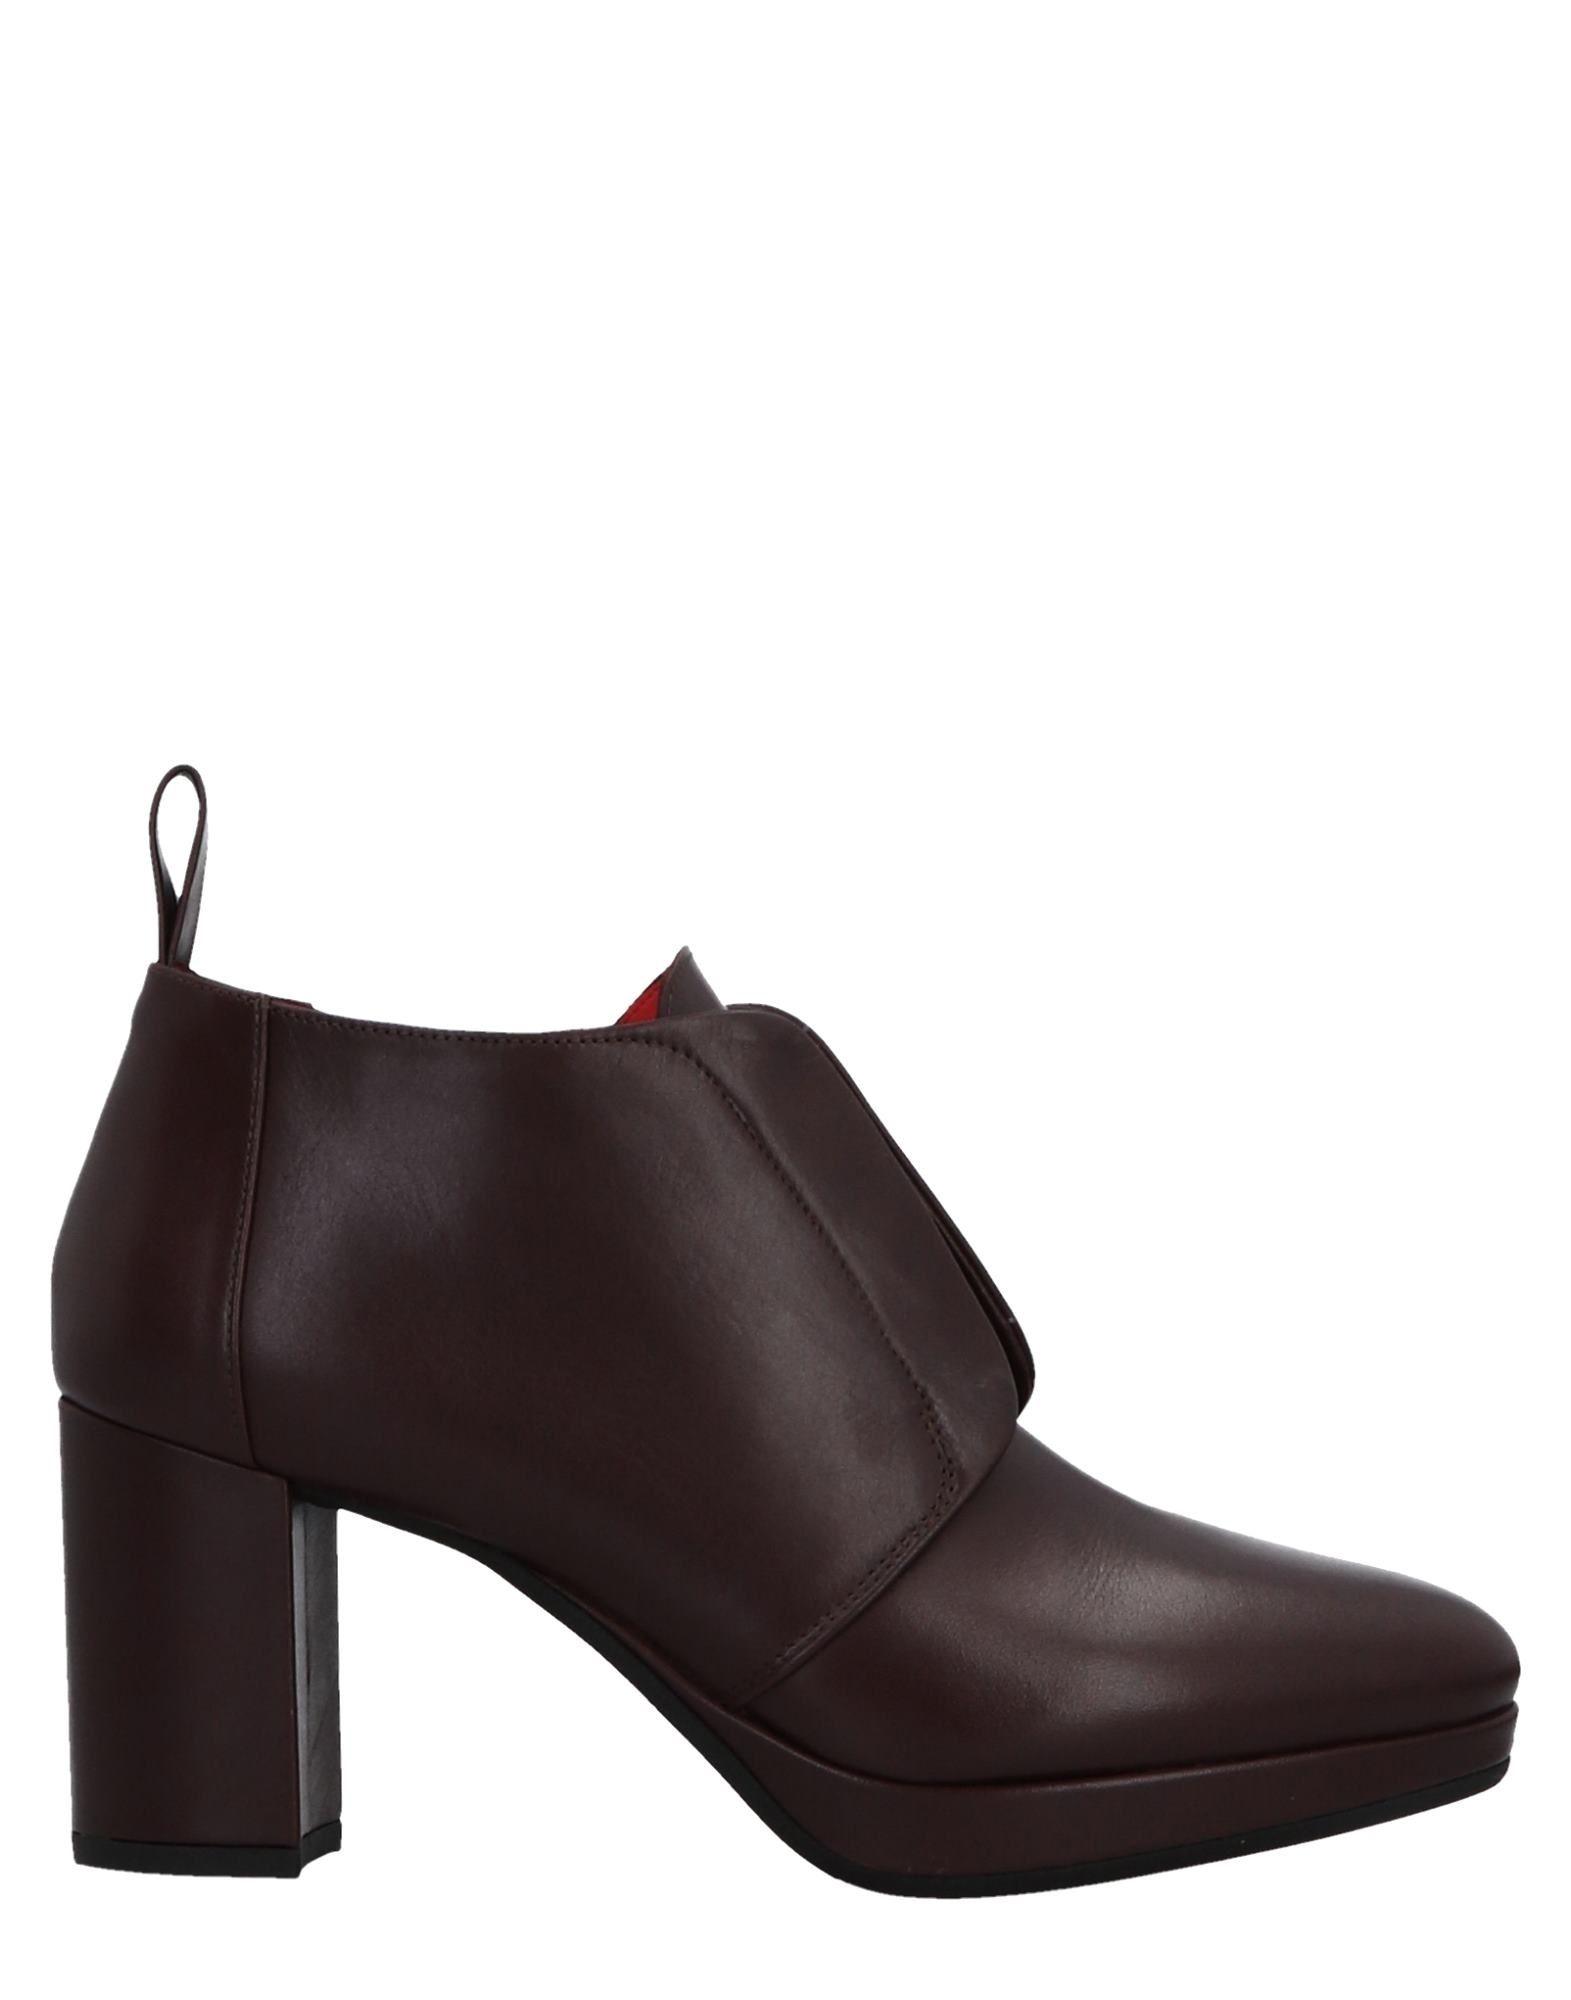 Pas De Rouge Stiefelette Schuhe Damen  11512728FP Neue Schuhe Stiefelette d8543f